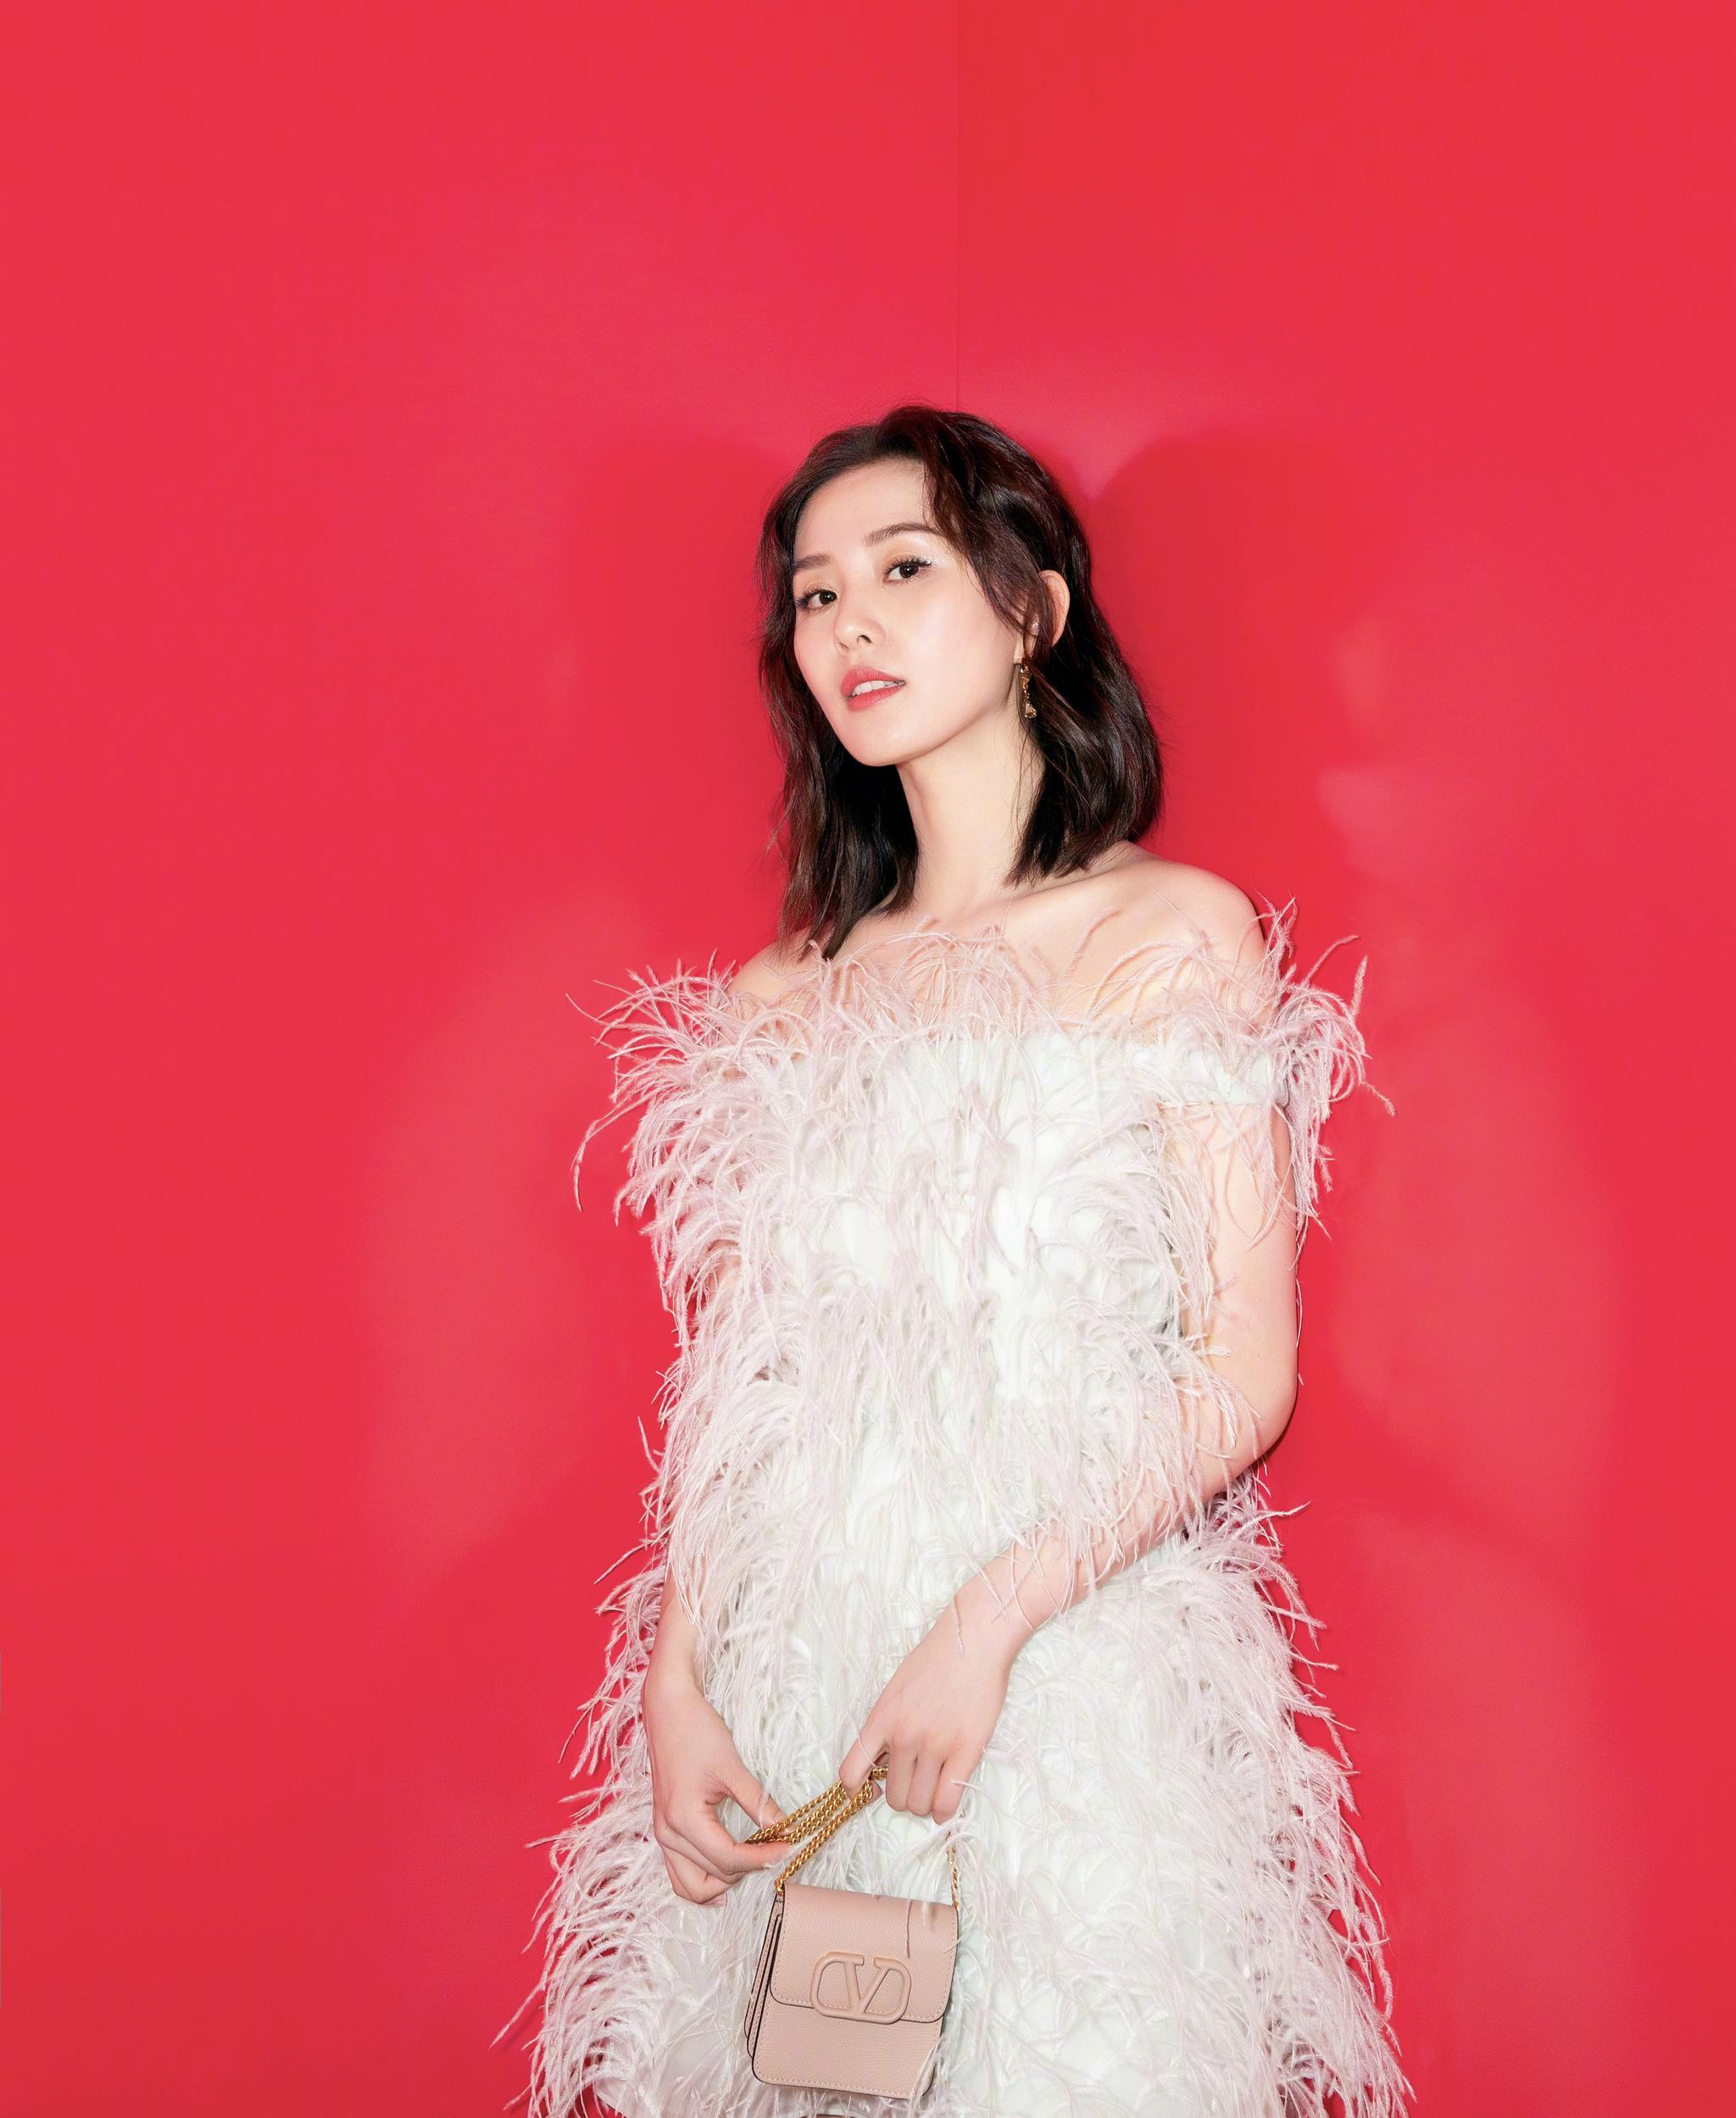 两位产后复出的女明星,赵丽颖和刘诗诗谁的变化最大?_状态